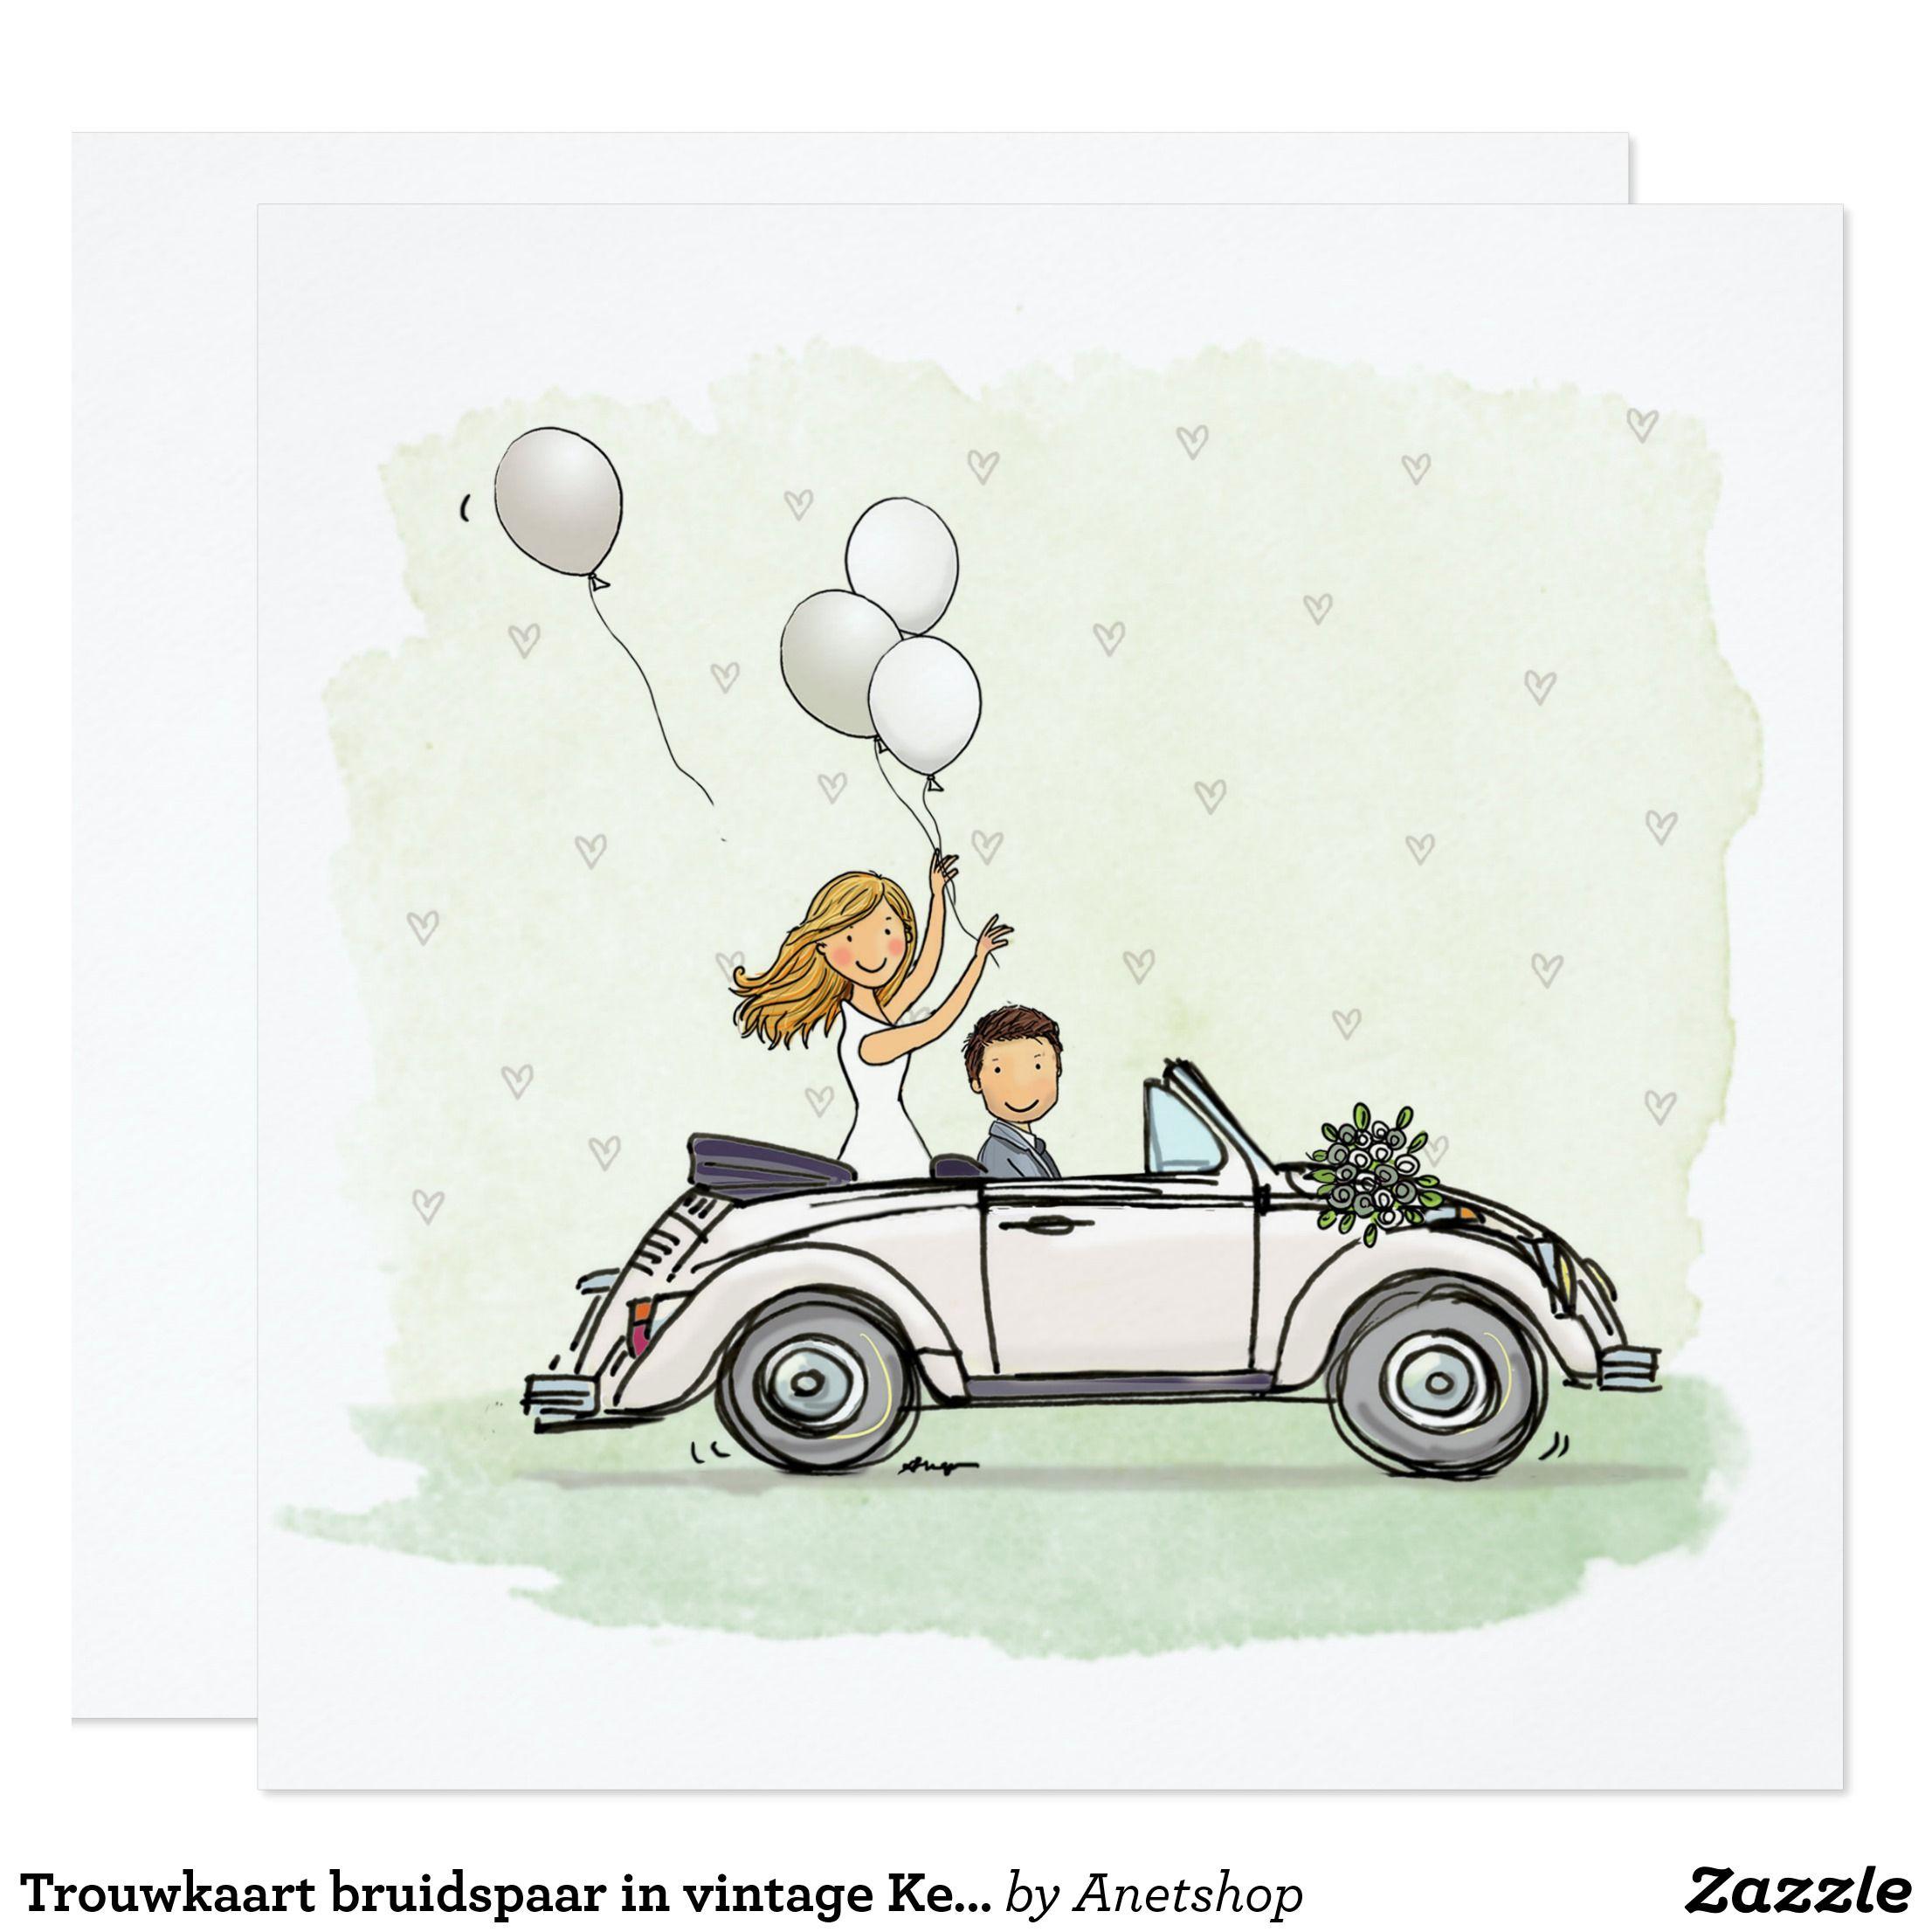 Voorkeur Trouwkaart bruidspaar in vintage Kever cabrio | Zazzle.nl &JP92